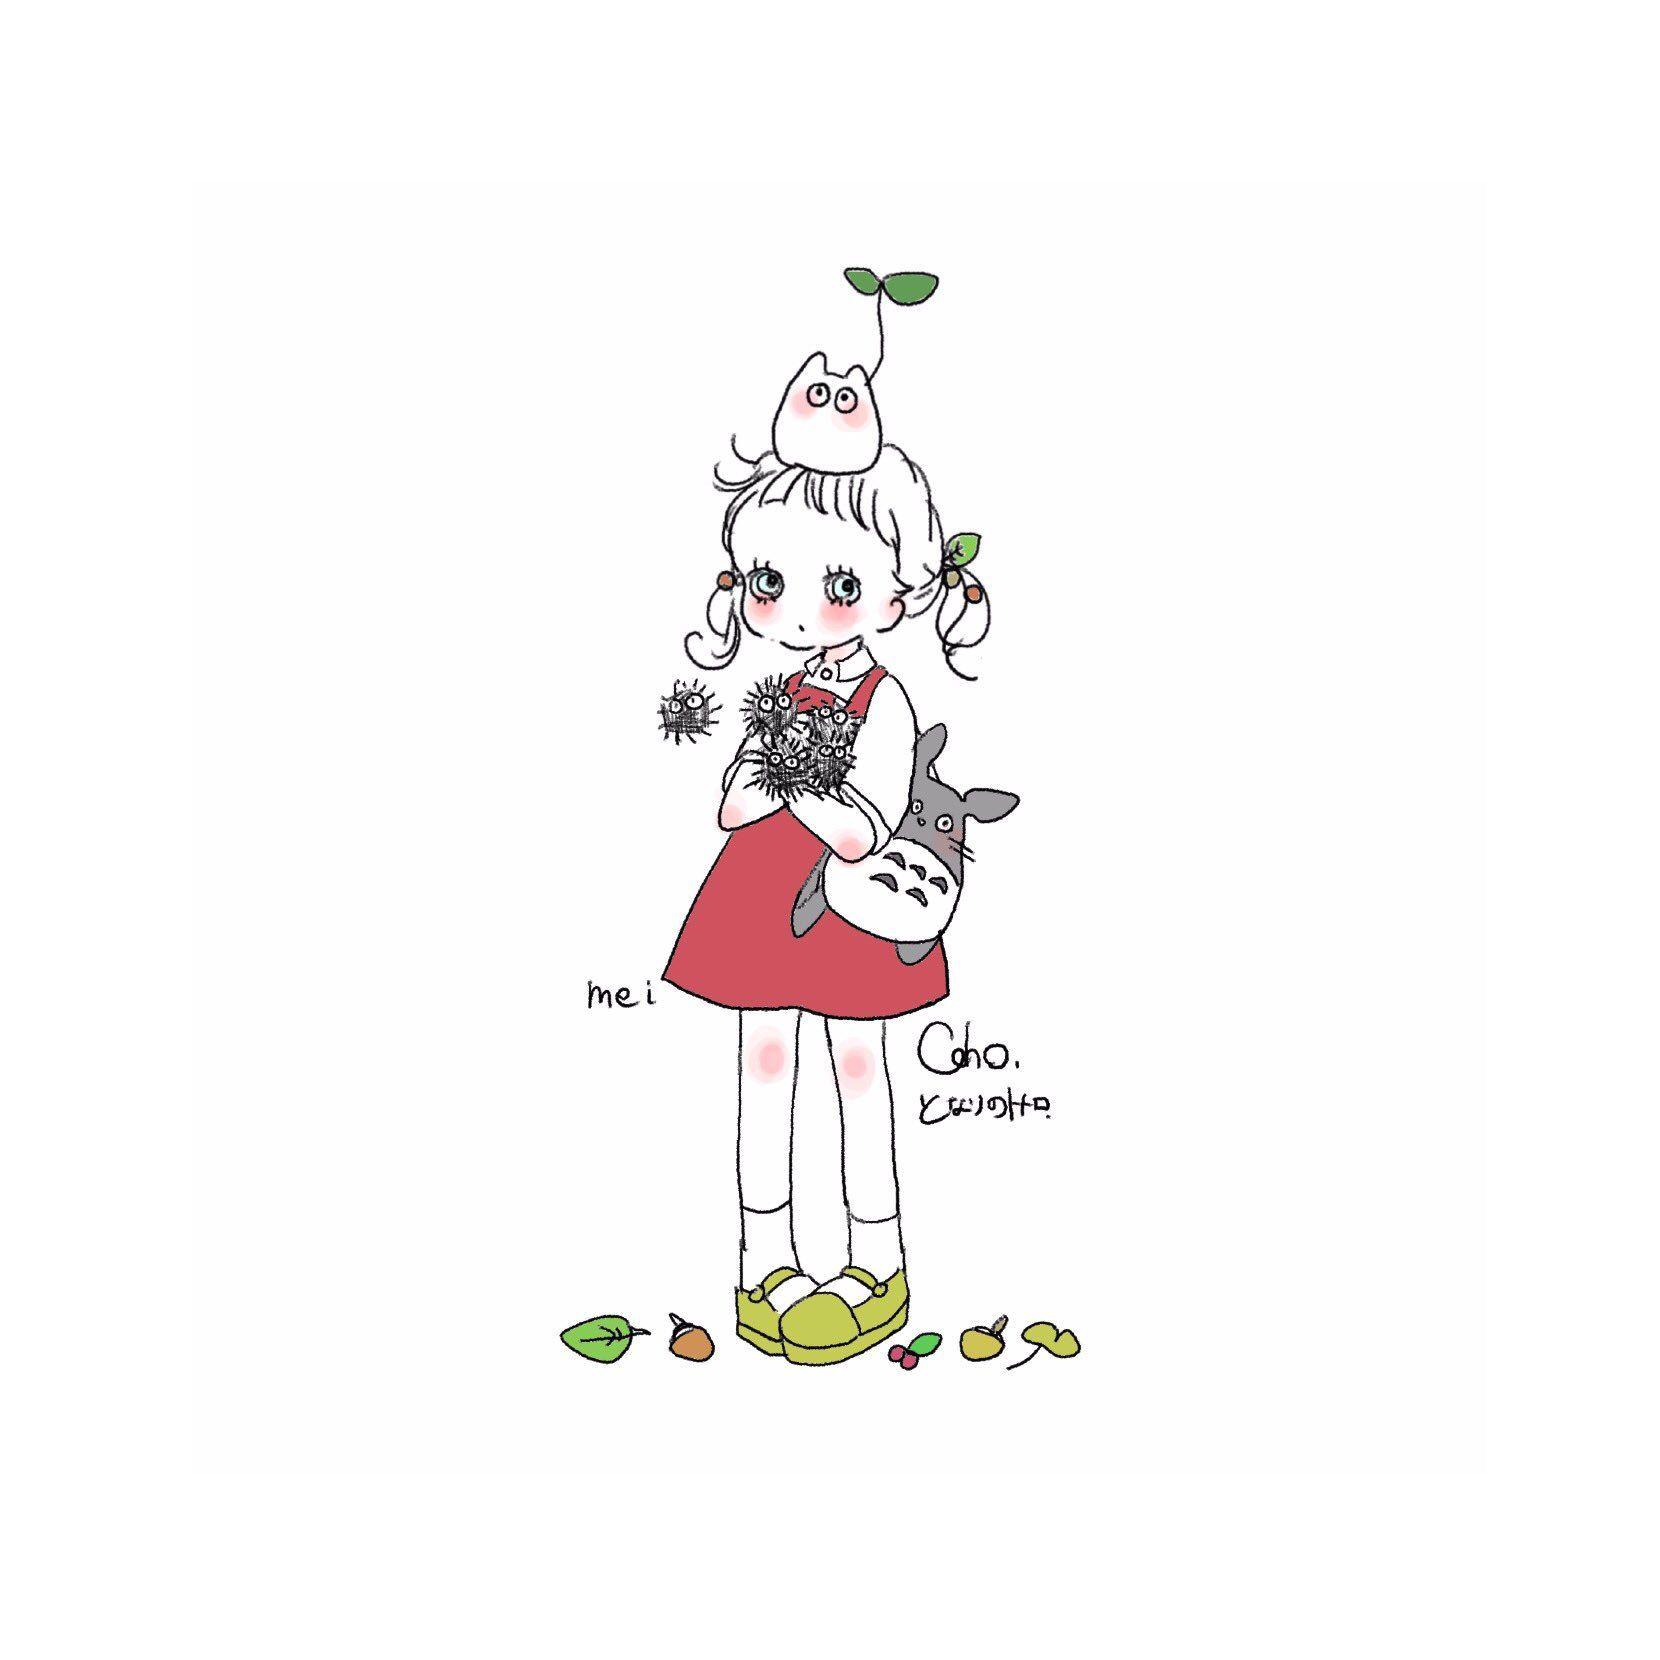 可愛い おしゃれまとめの人気アイデア Pinterest 彩愛 三木 2020 ジブリ イラスト かわいい キュートなスケッチ Line アイコン かわいい